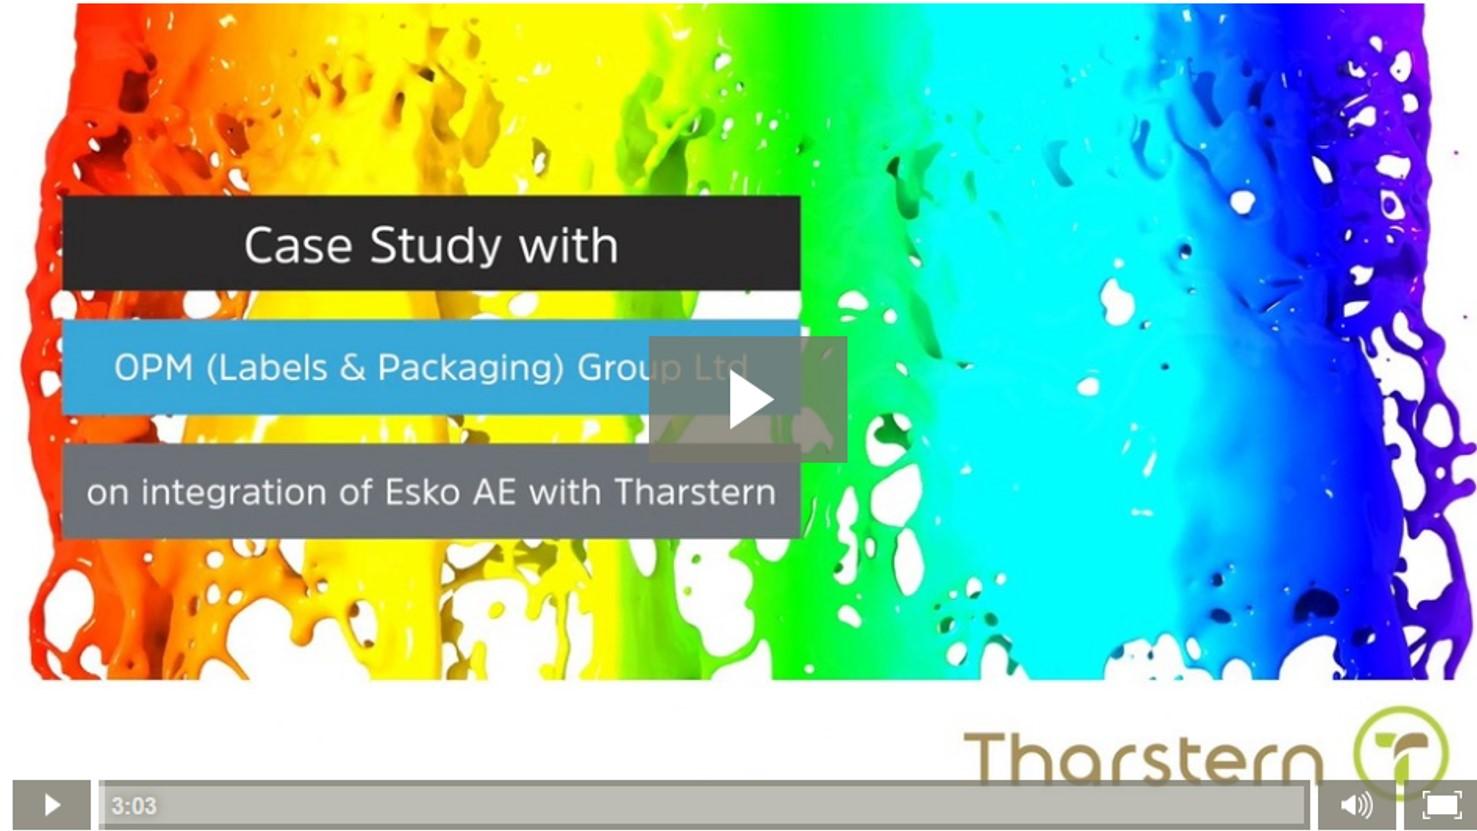 OPM_case_study_thumbnail.jpg